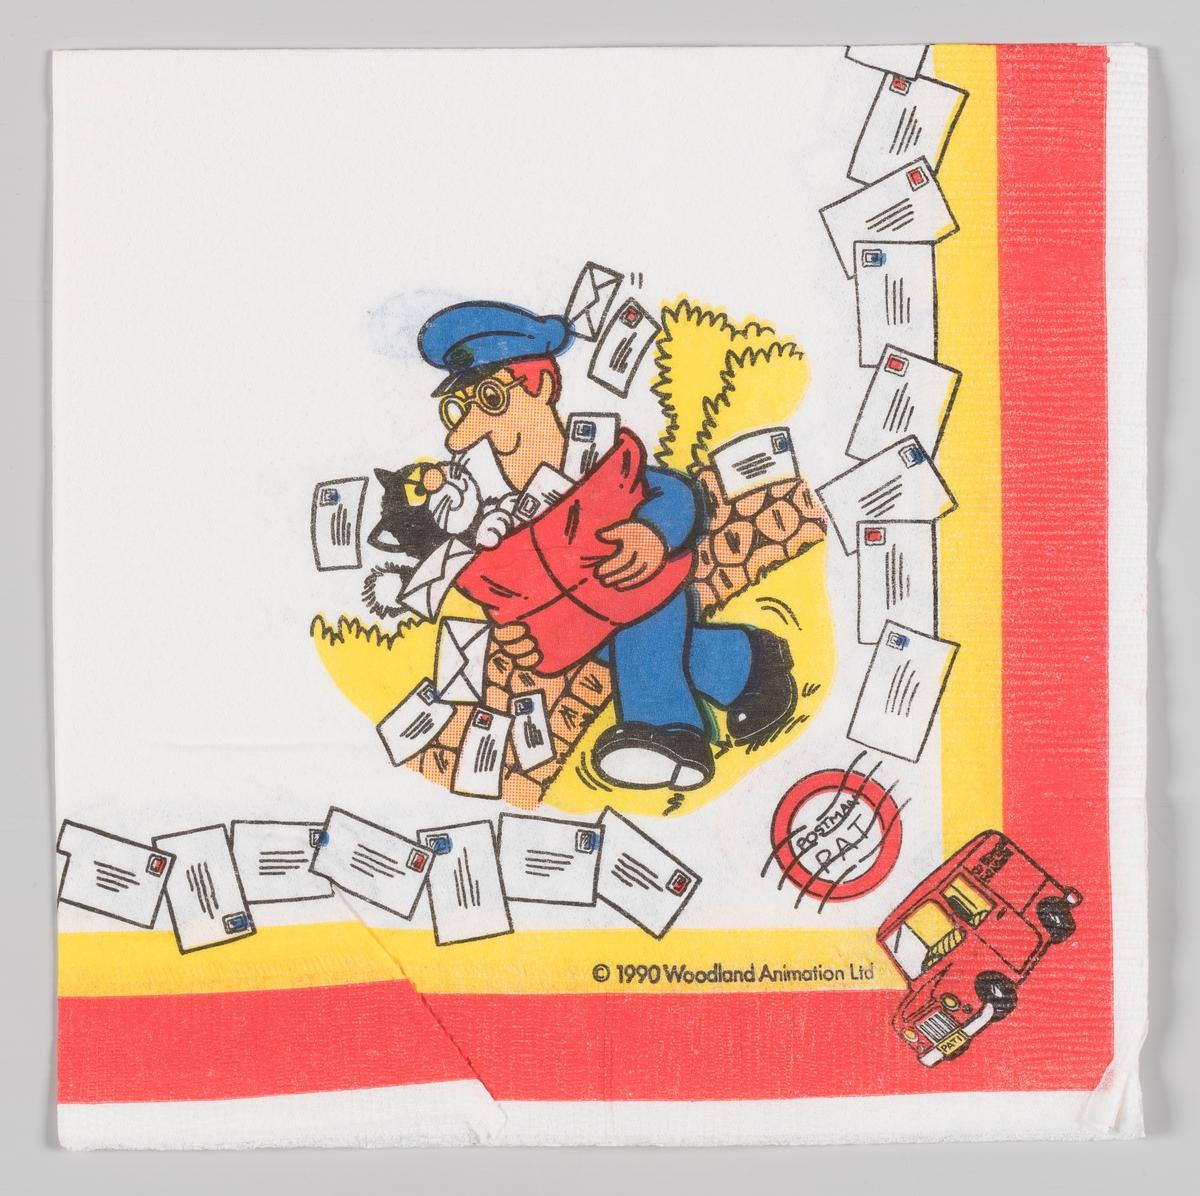 Postmann Per bærer en sekk med brev og katten Missl. Langs kanten flere brev og postmann Pers postbil.  Postmann Per (engelsk Pat) er en BBC animert (stop motion) serie som har gått på TV siden 1981. Serien har gått på NRK og ble meget populær blant mindre barn fra 1980-årene.